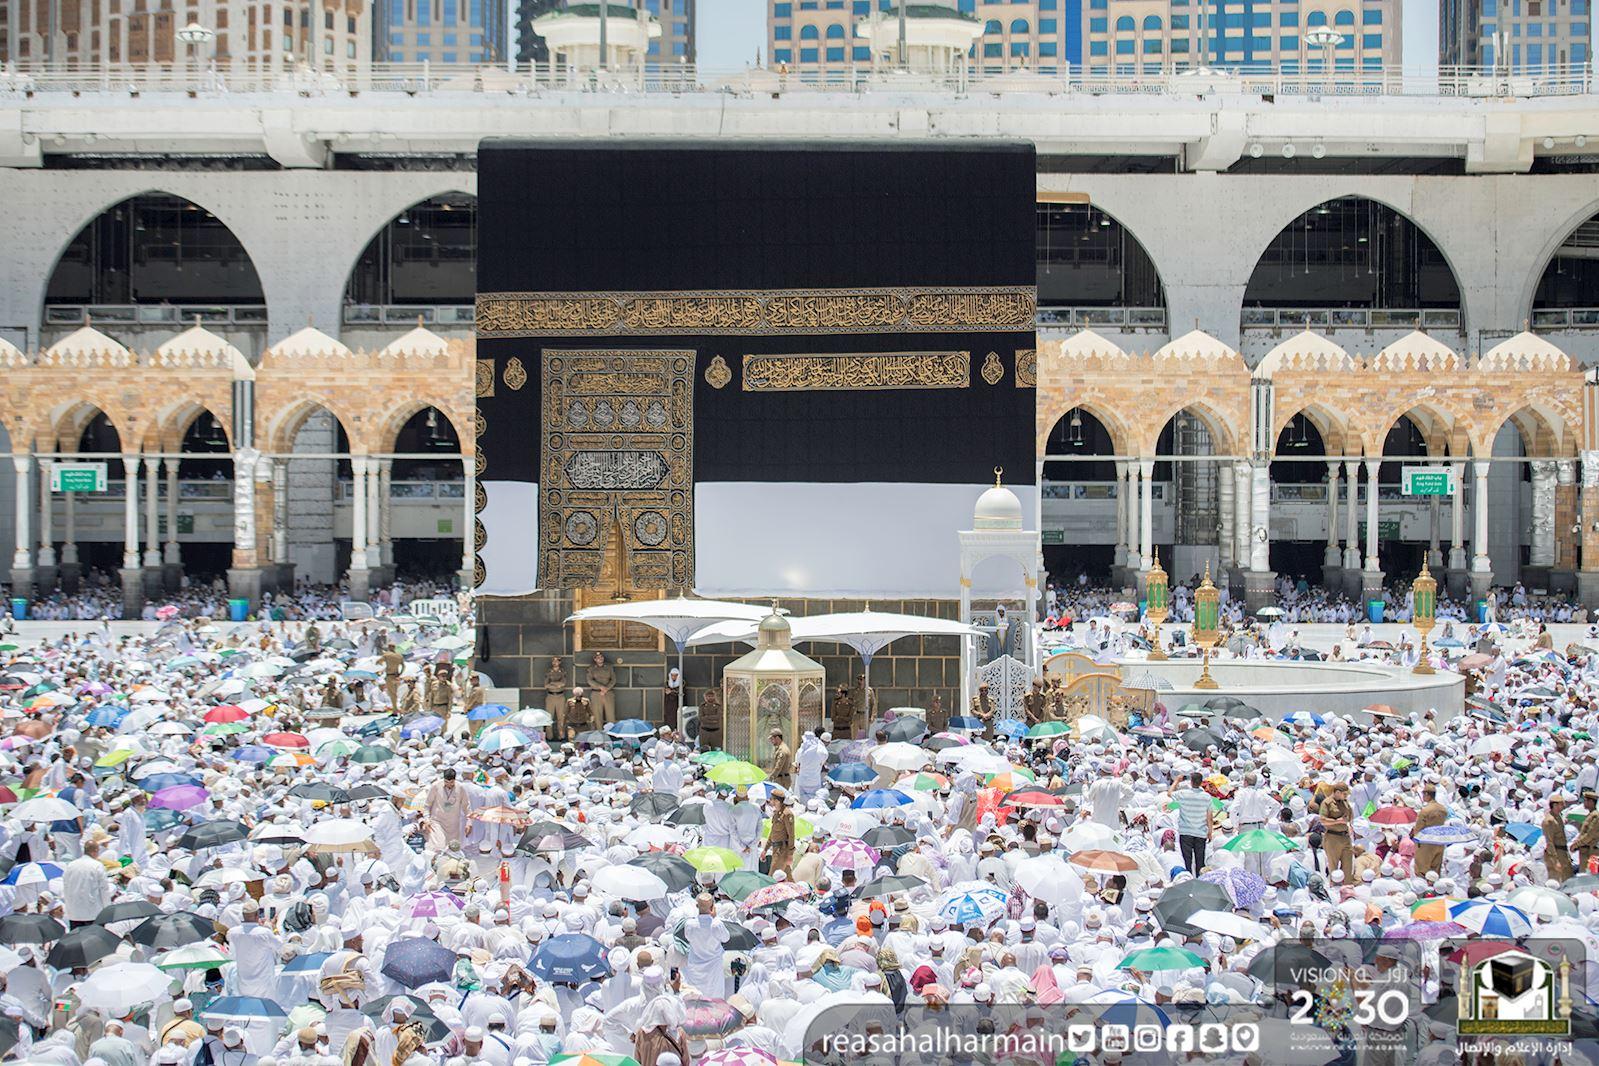 خطيب المسجد الحرام: تعظيم الله شرط أساسي لاستقامة الدين (صور)